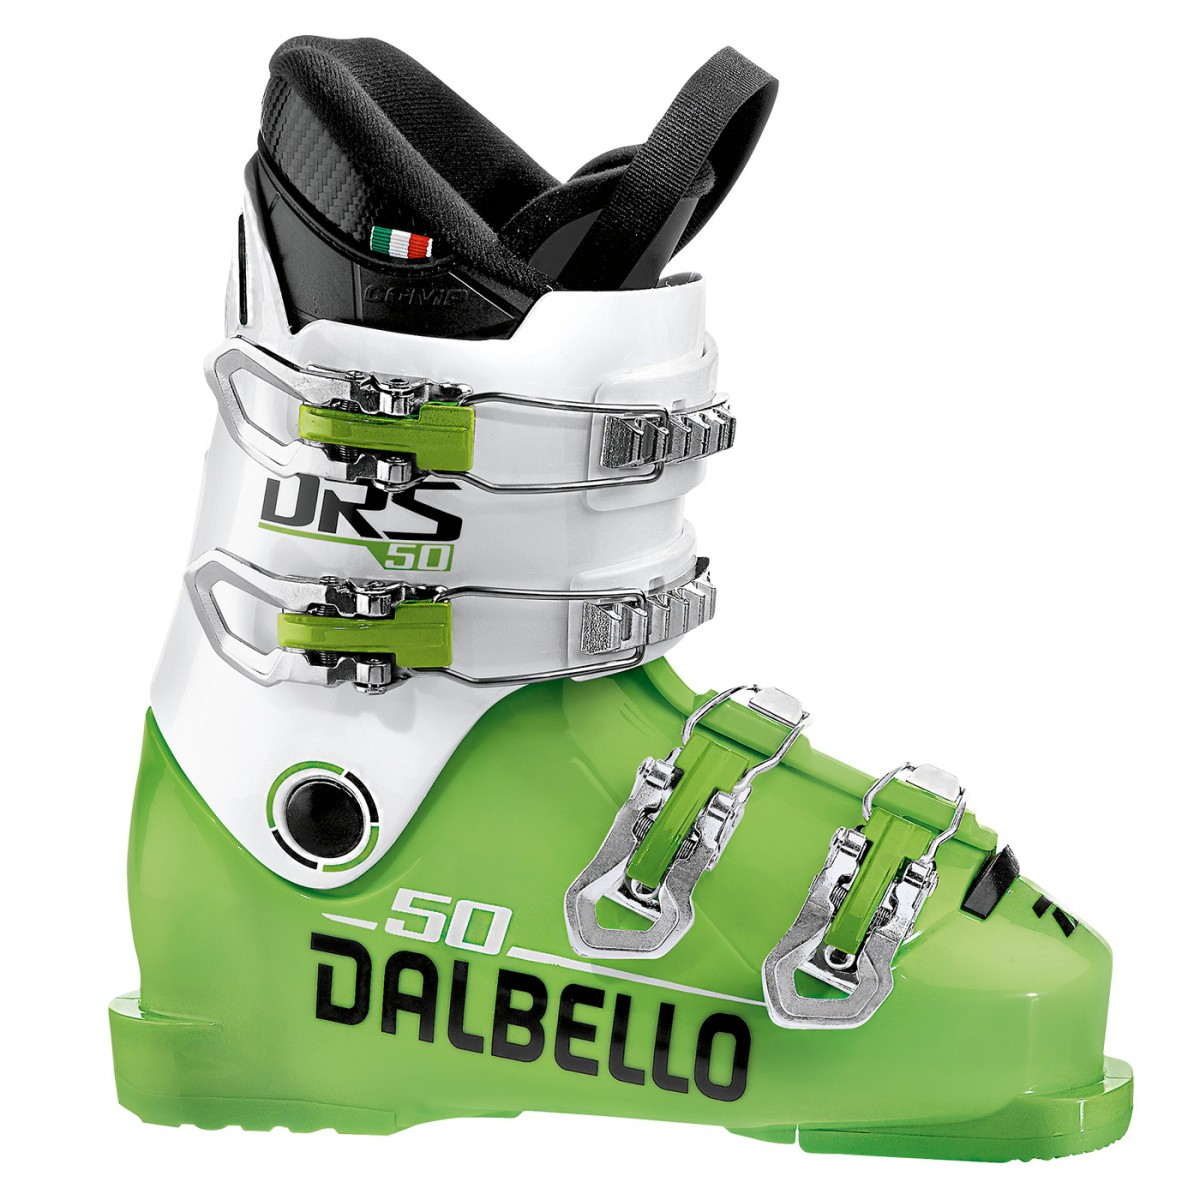 Scarponi sci Dalbello Drs 50 Avanti (Colore: verde-bianco, Taglia: 26.5)